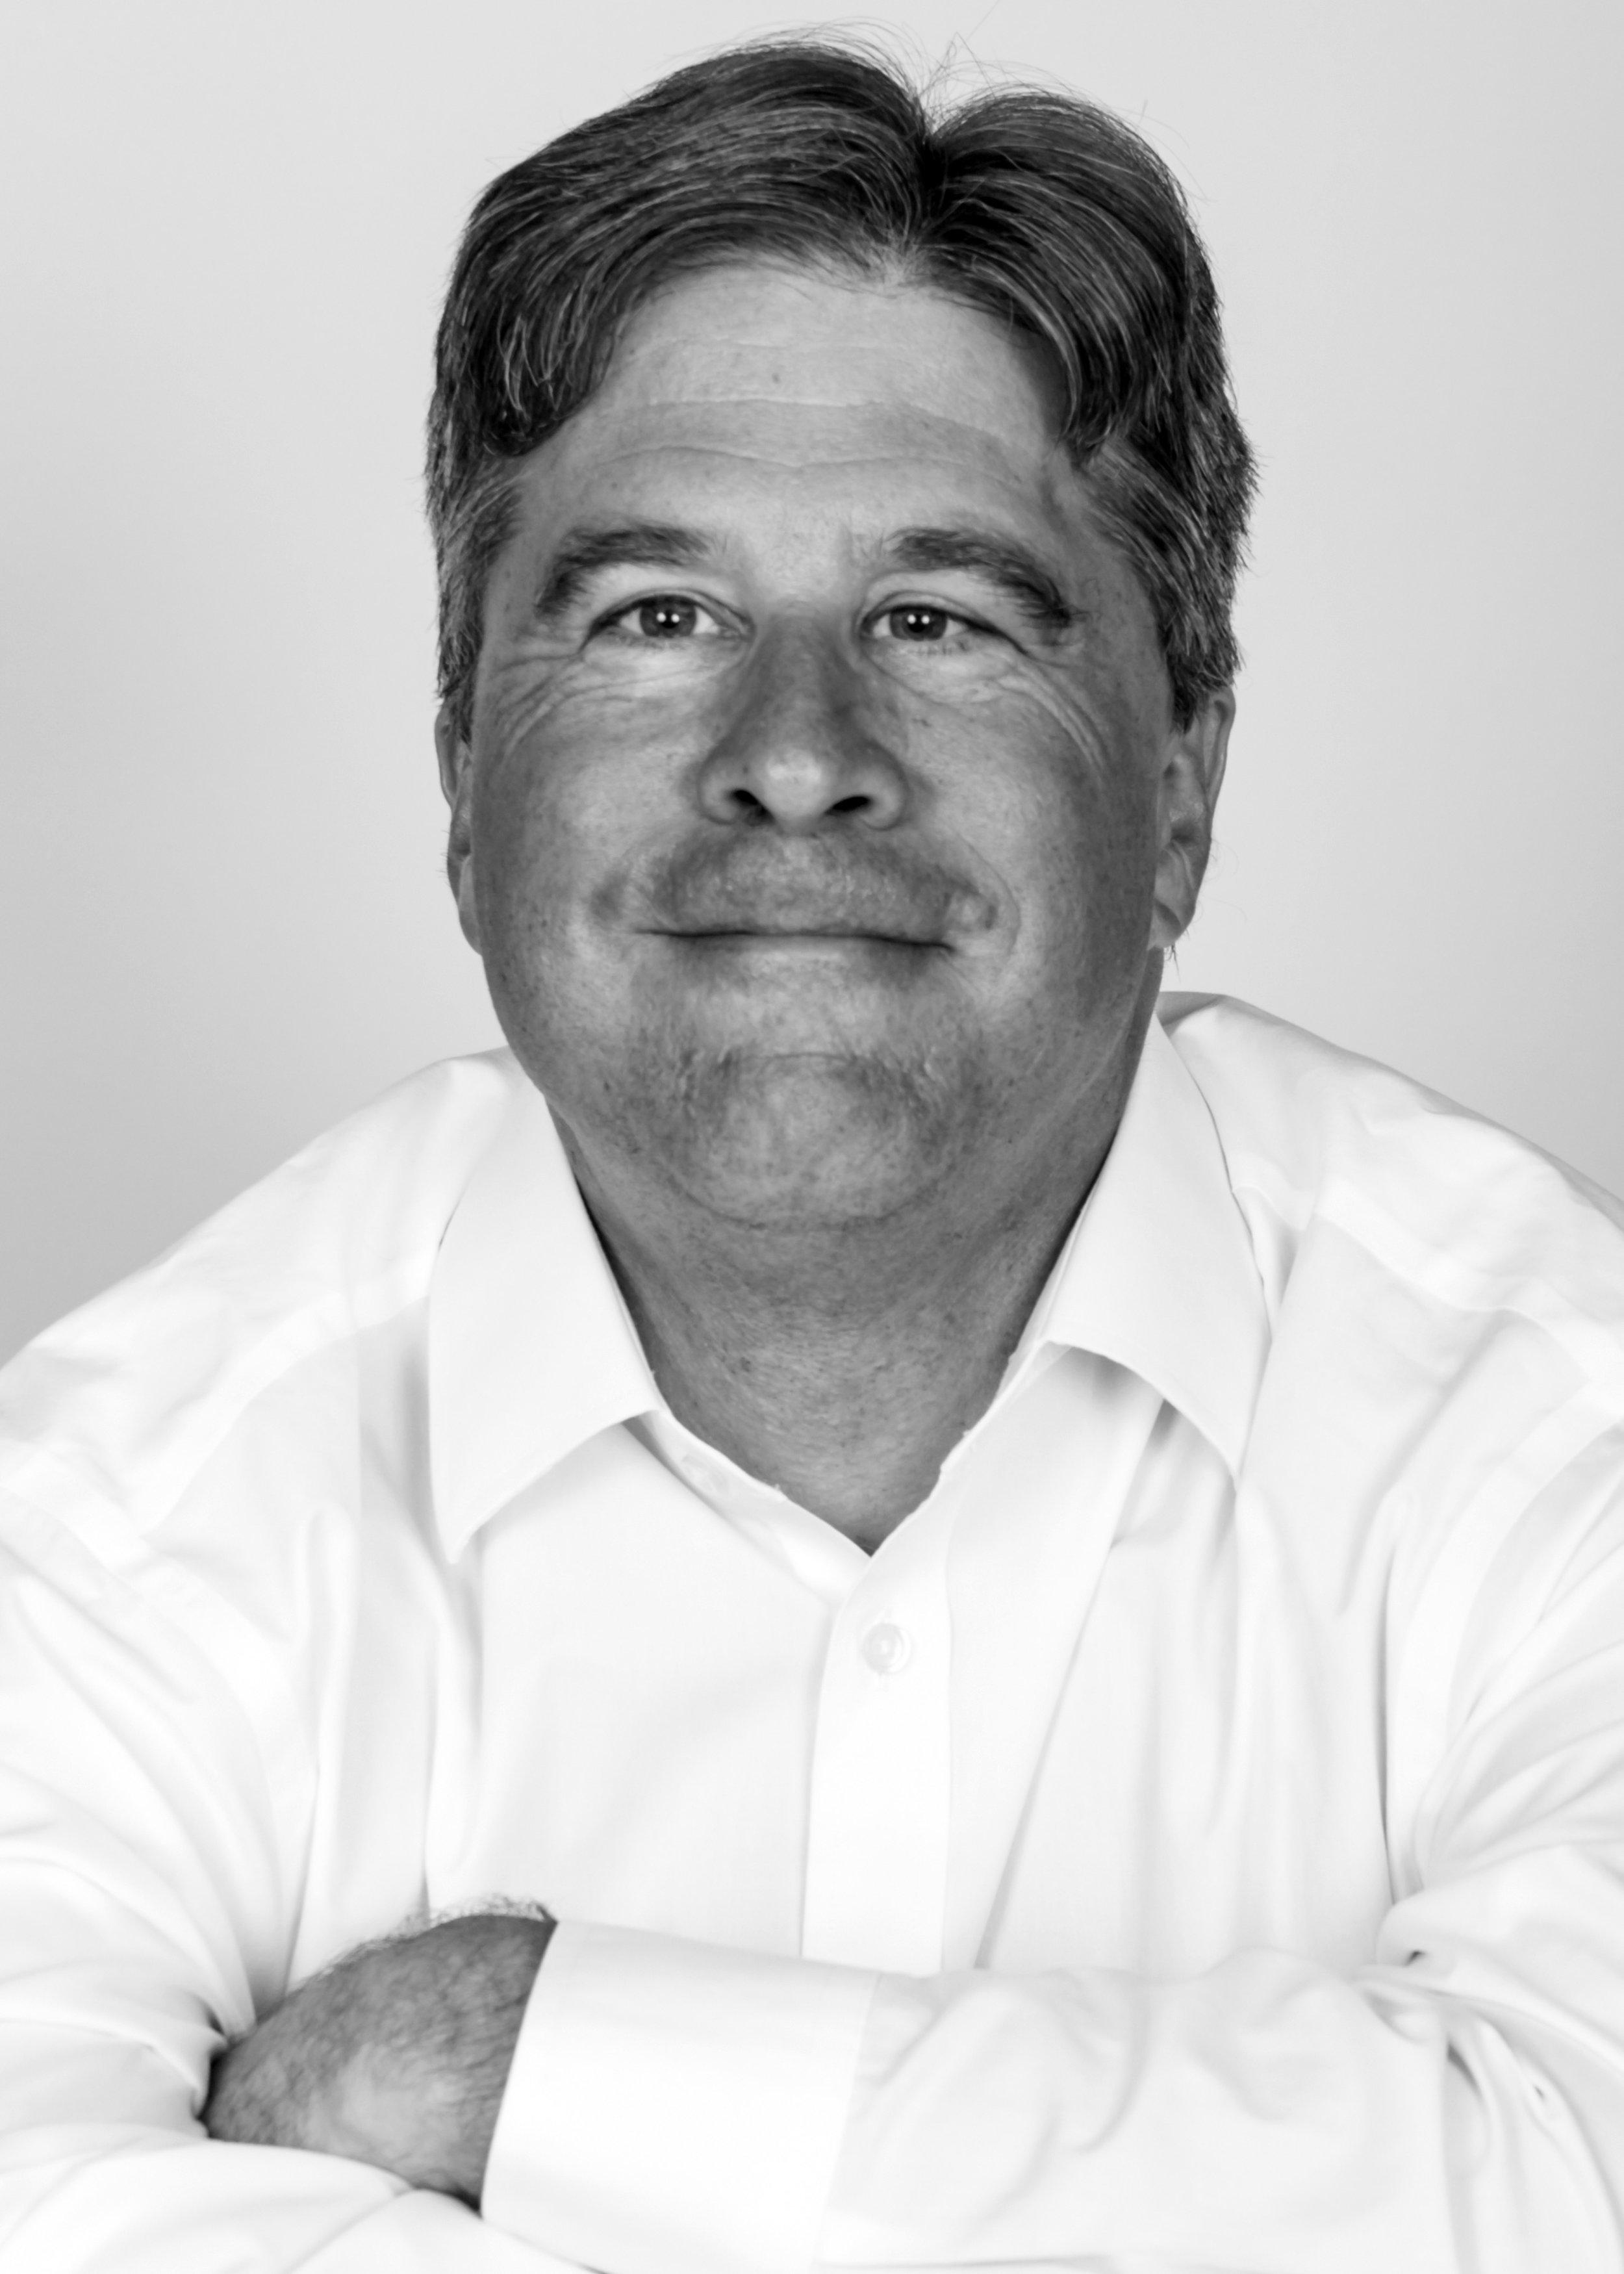 Jim Cowing, Bass